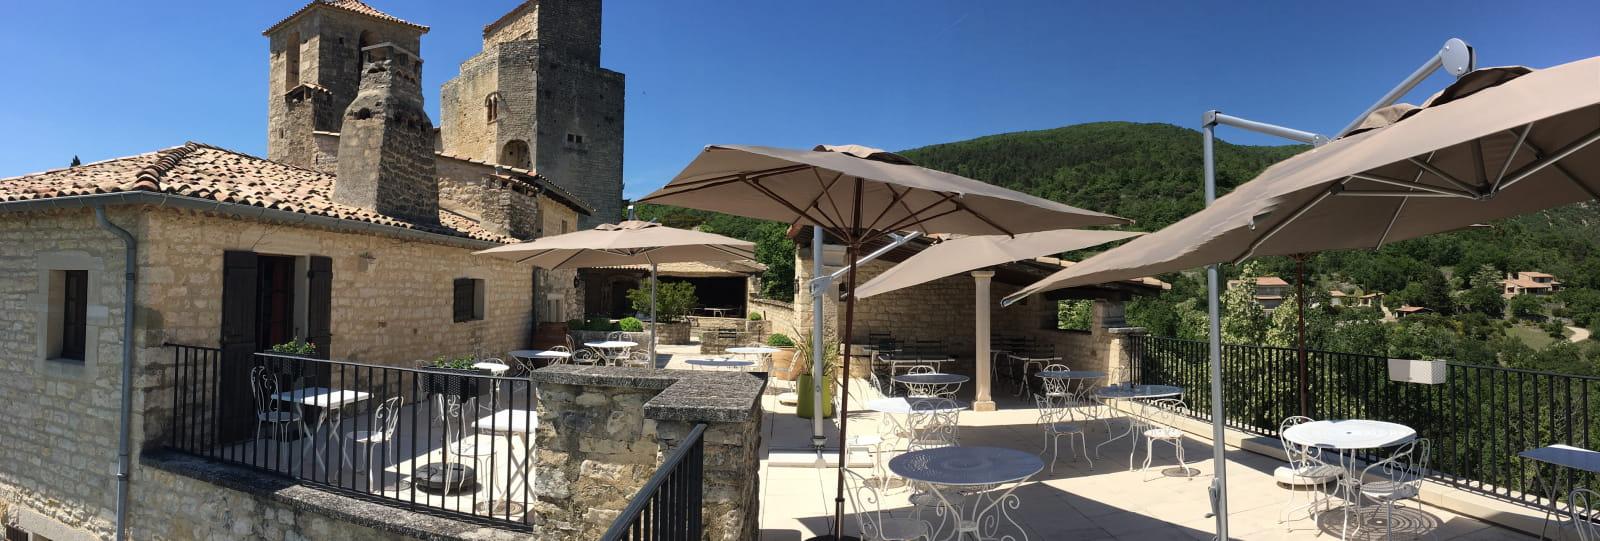 Terrasse panoramique vue donjon du chateau